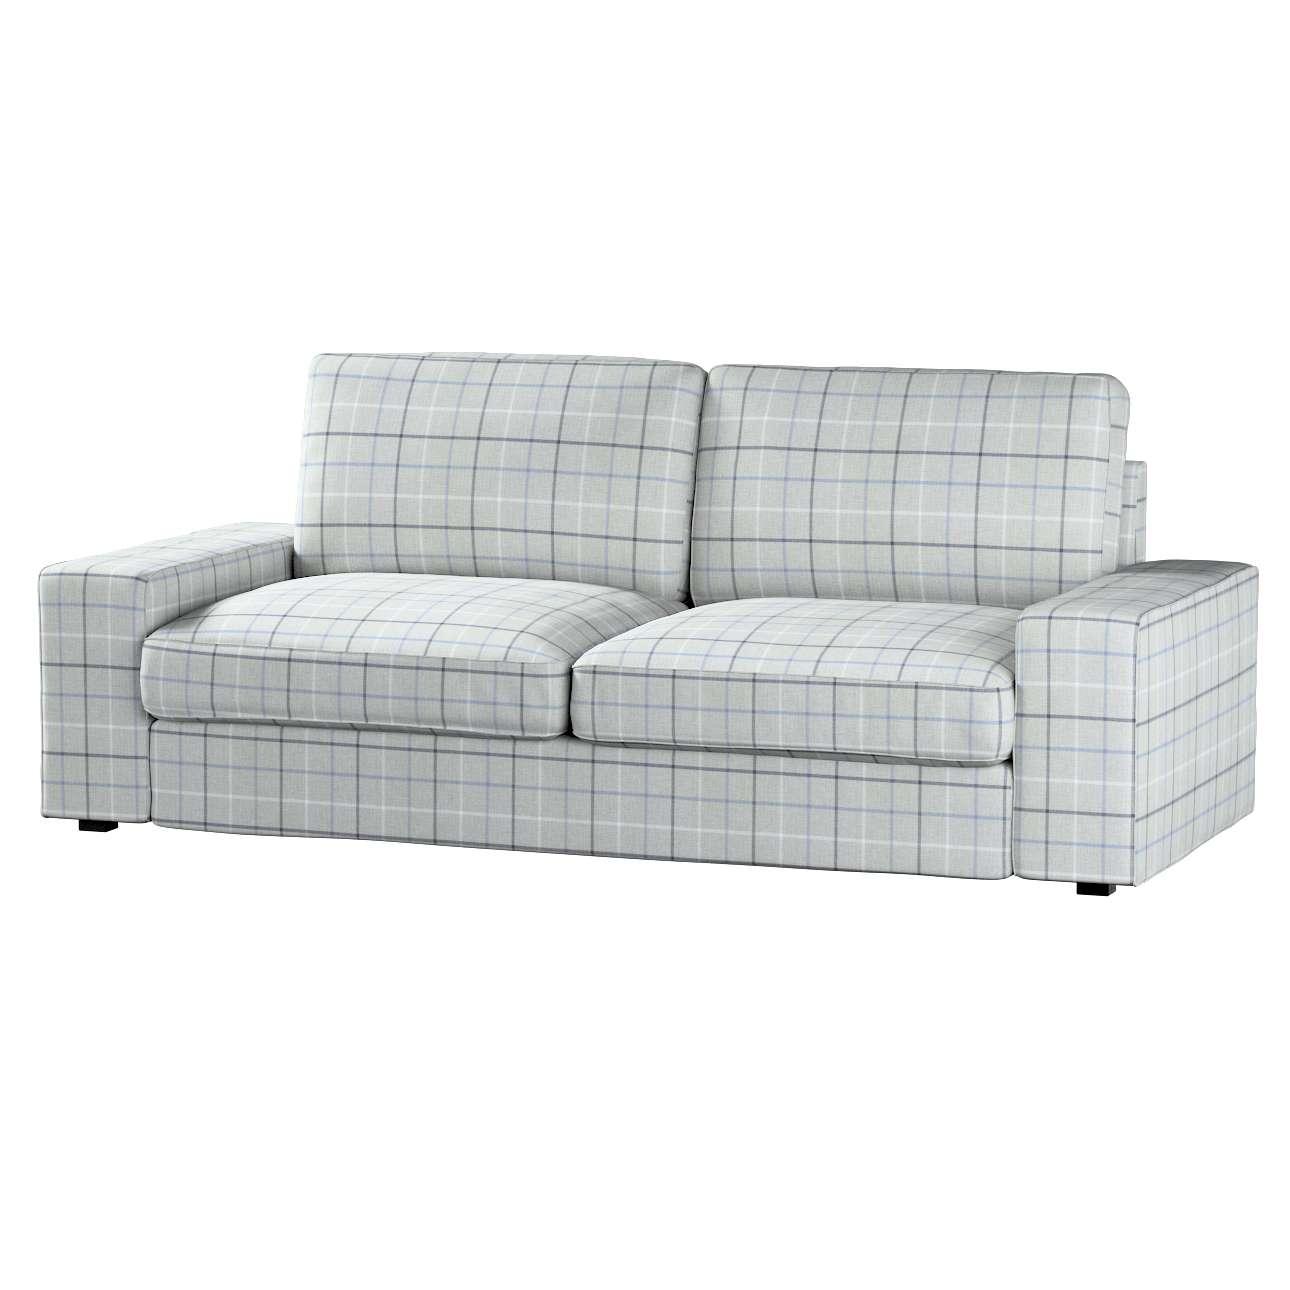 Pokrowiec na sofę Kivik 3-osobową, nierozkładaną w kolekcji Edinburgh, tkanina: 703-18